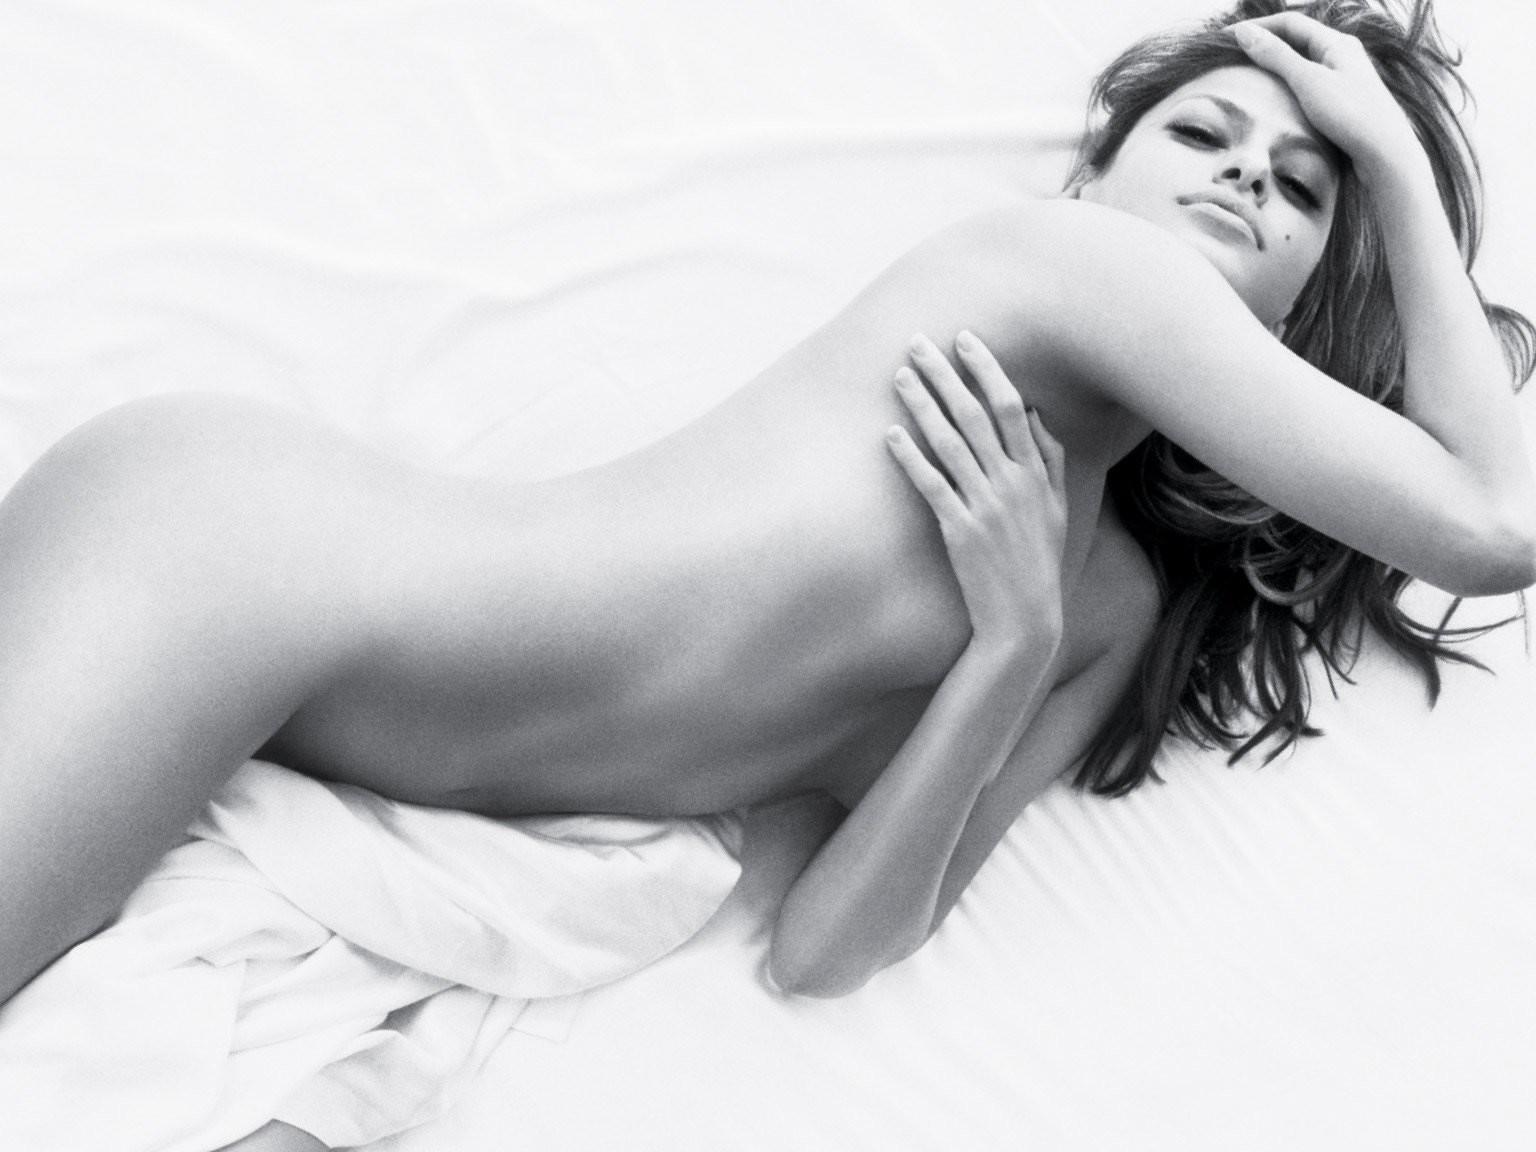 Eva mendes nude sexy